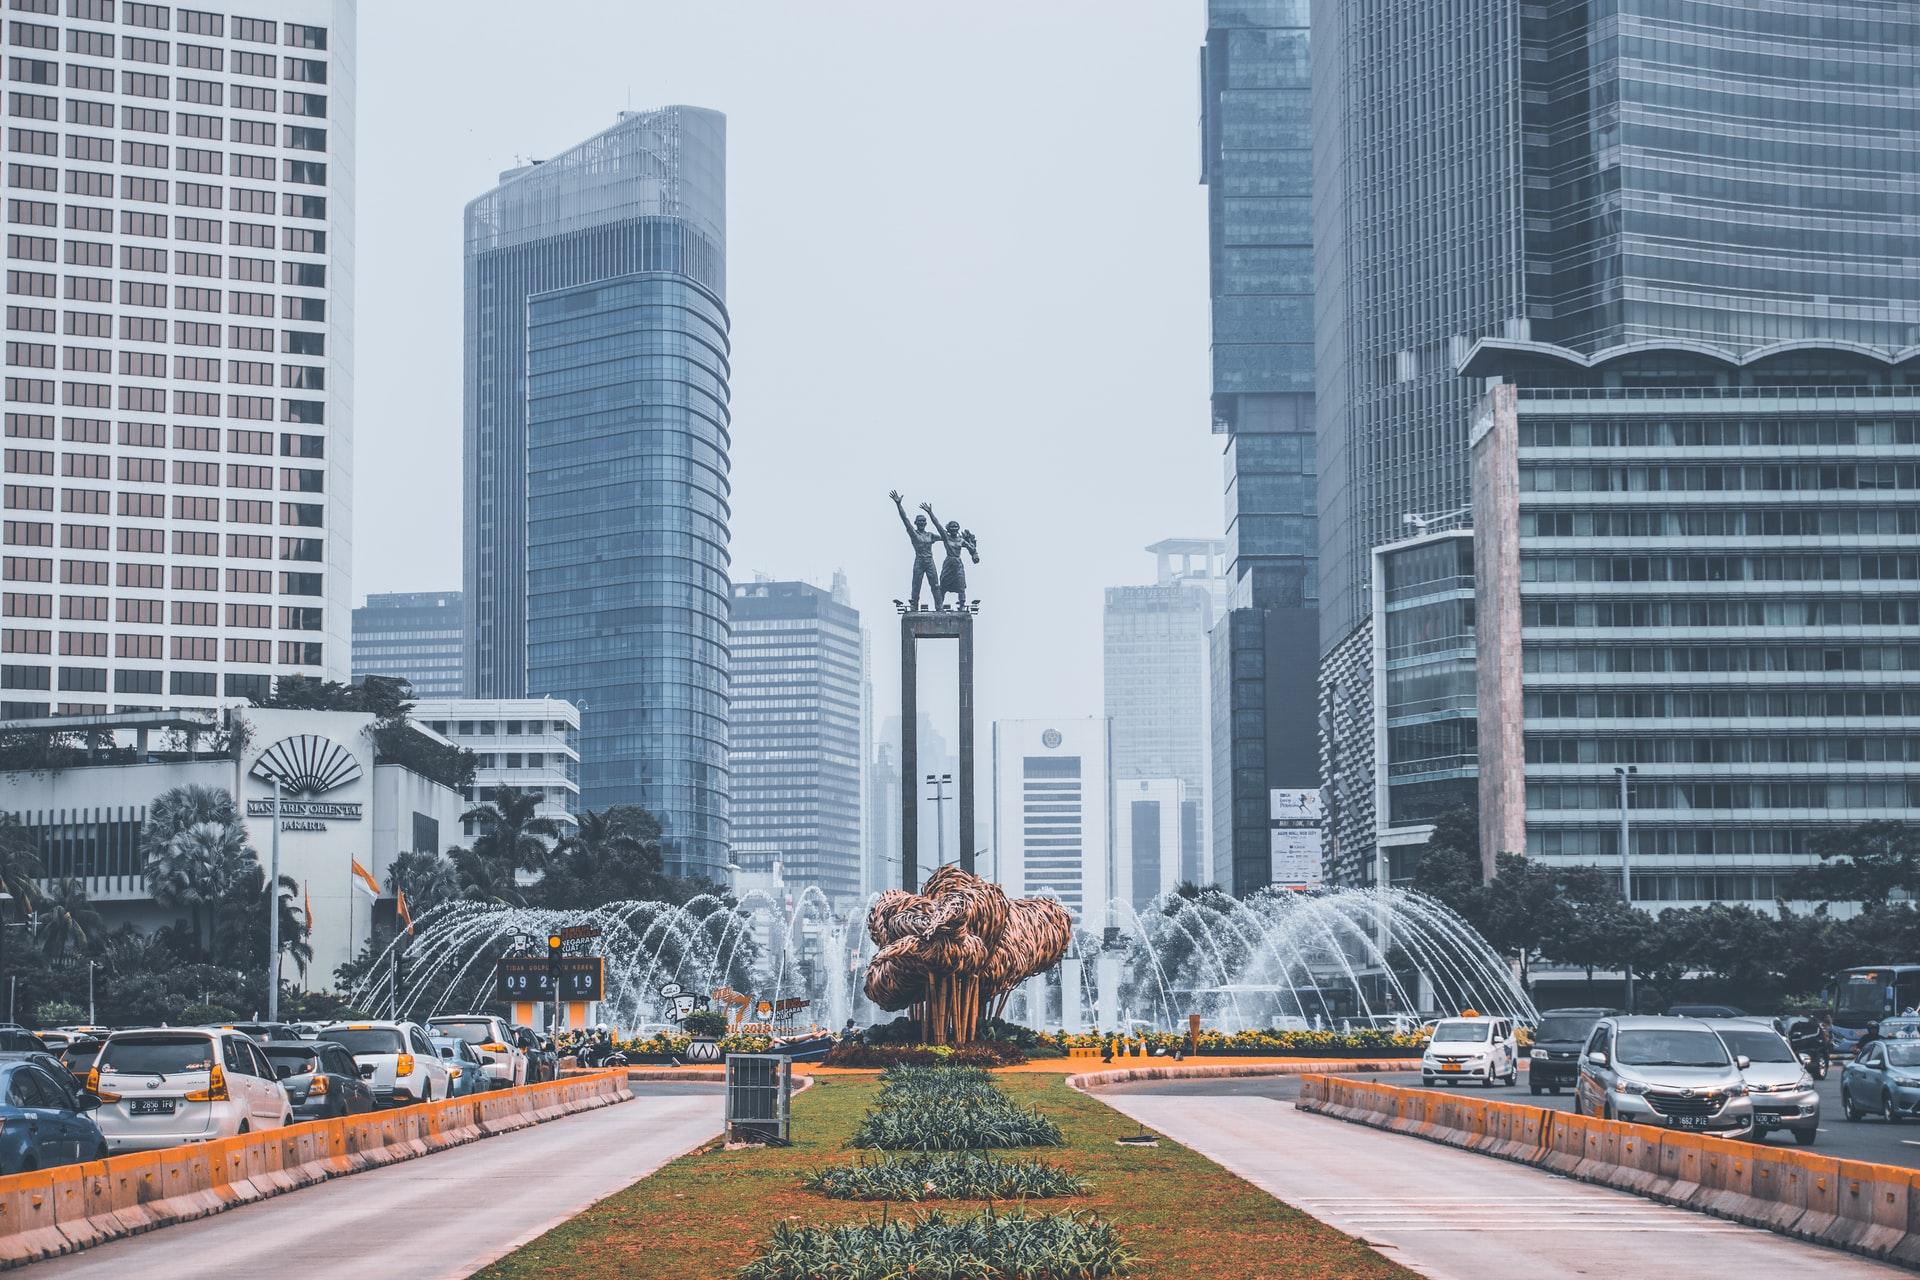 Cari Rumah Murah di Jakarta? Mari Kita Cek Harga Tanahnya!